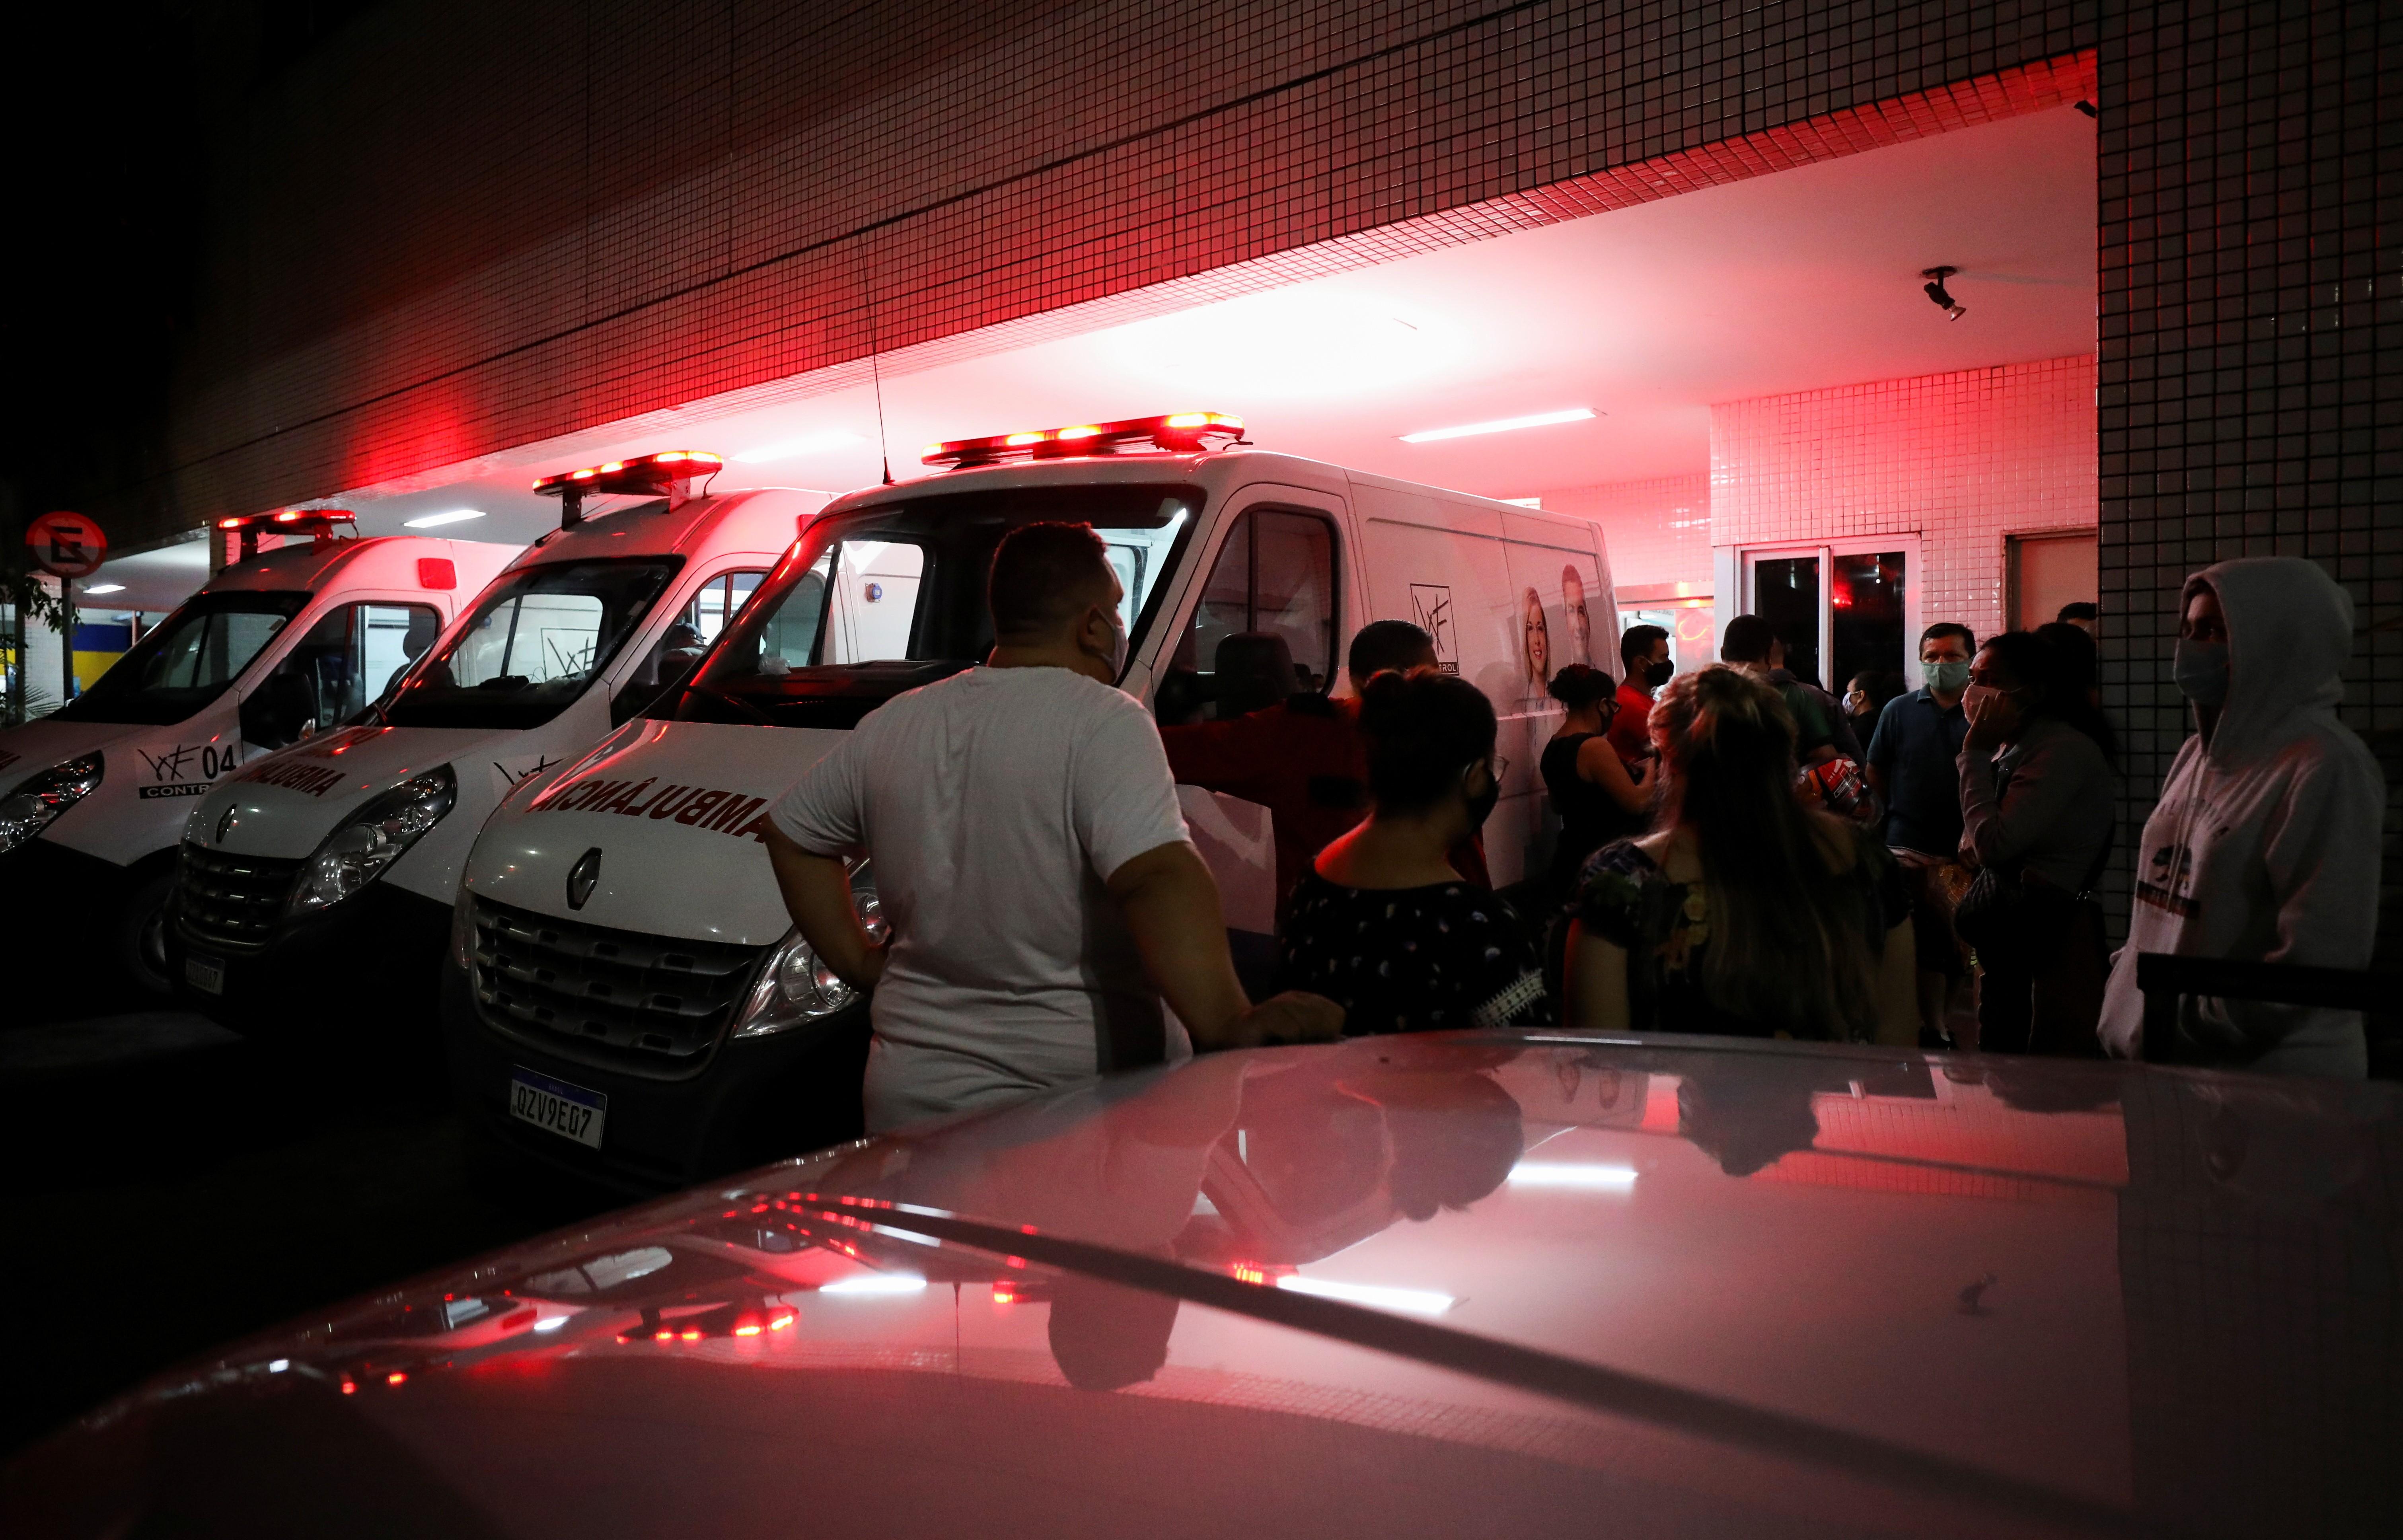 Bairros de Belém fazem panelaço contra Jair Bolsonaro nesta sexta-feira